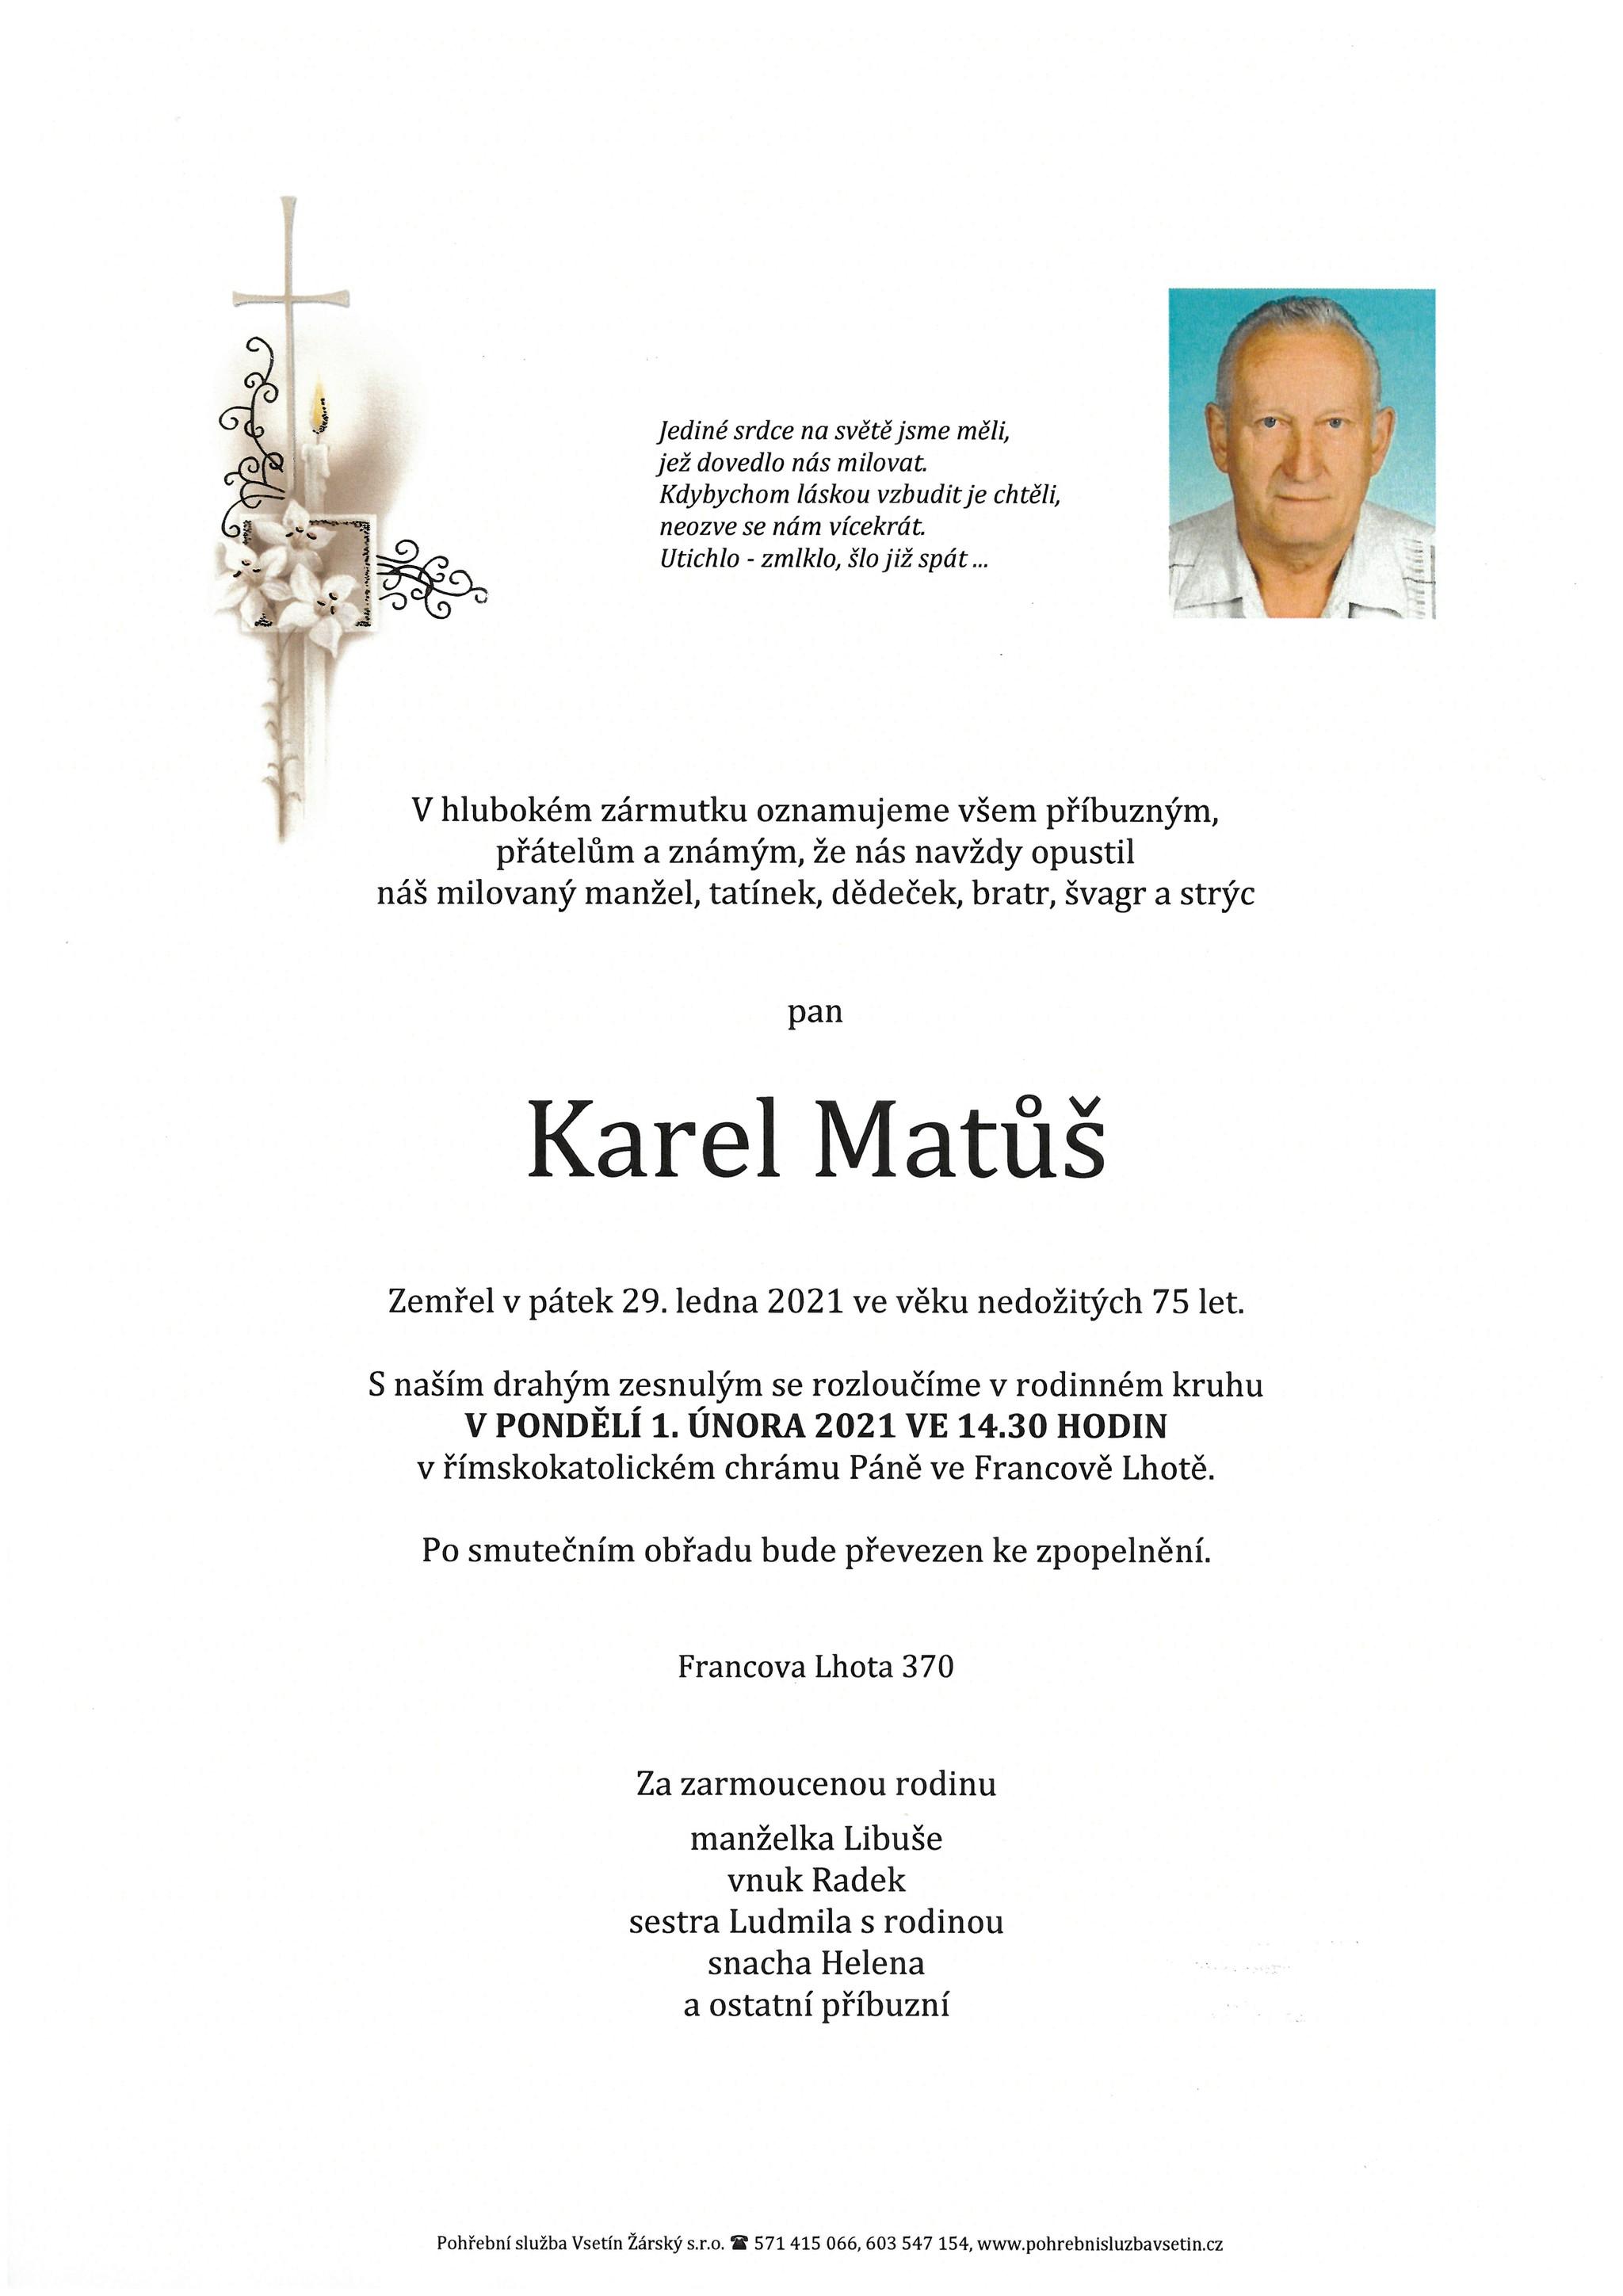 Karel Matůš